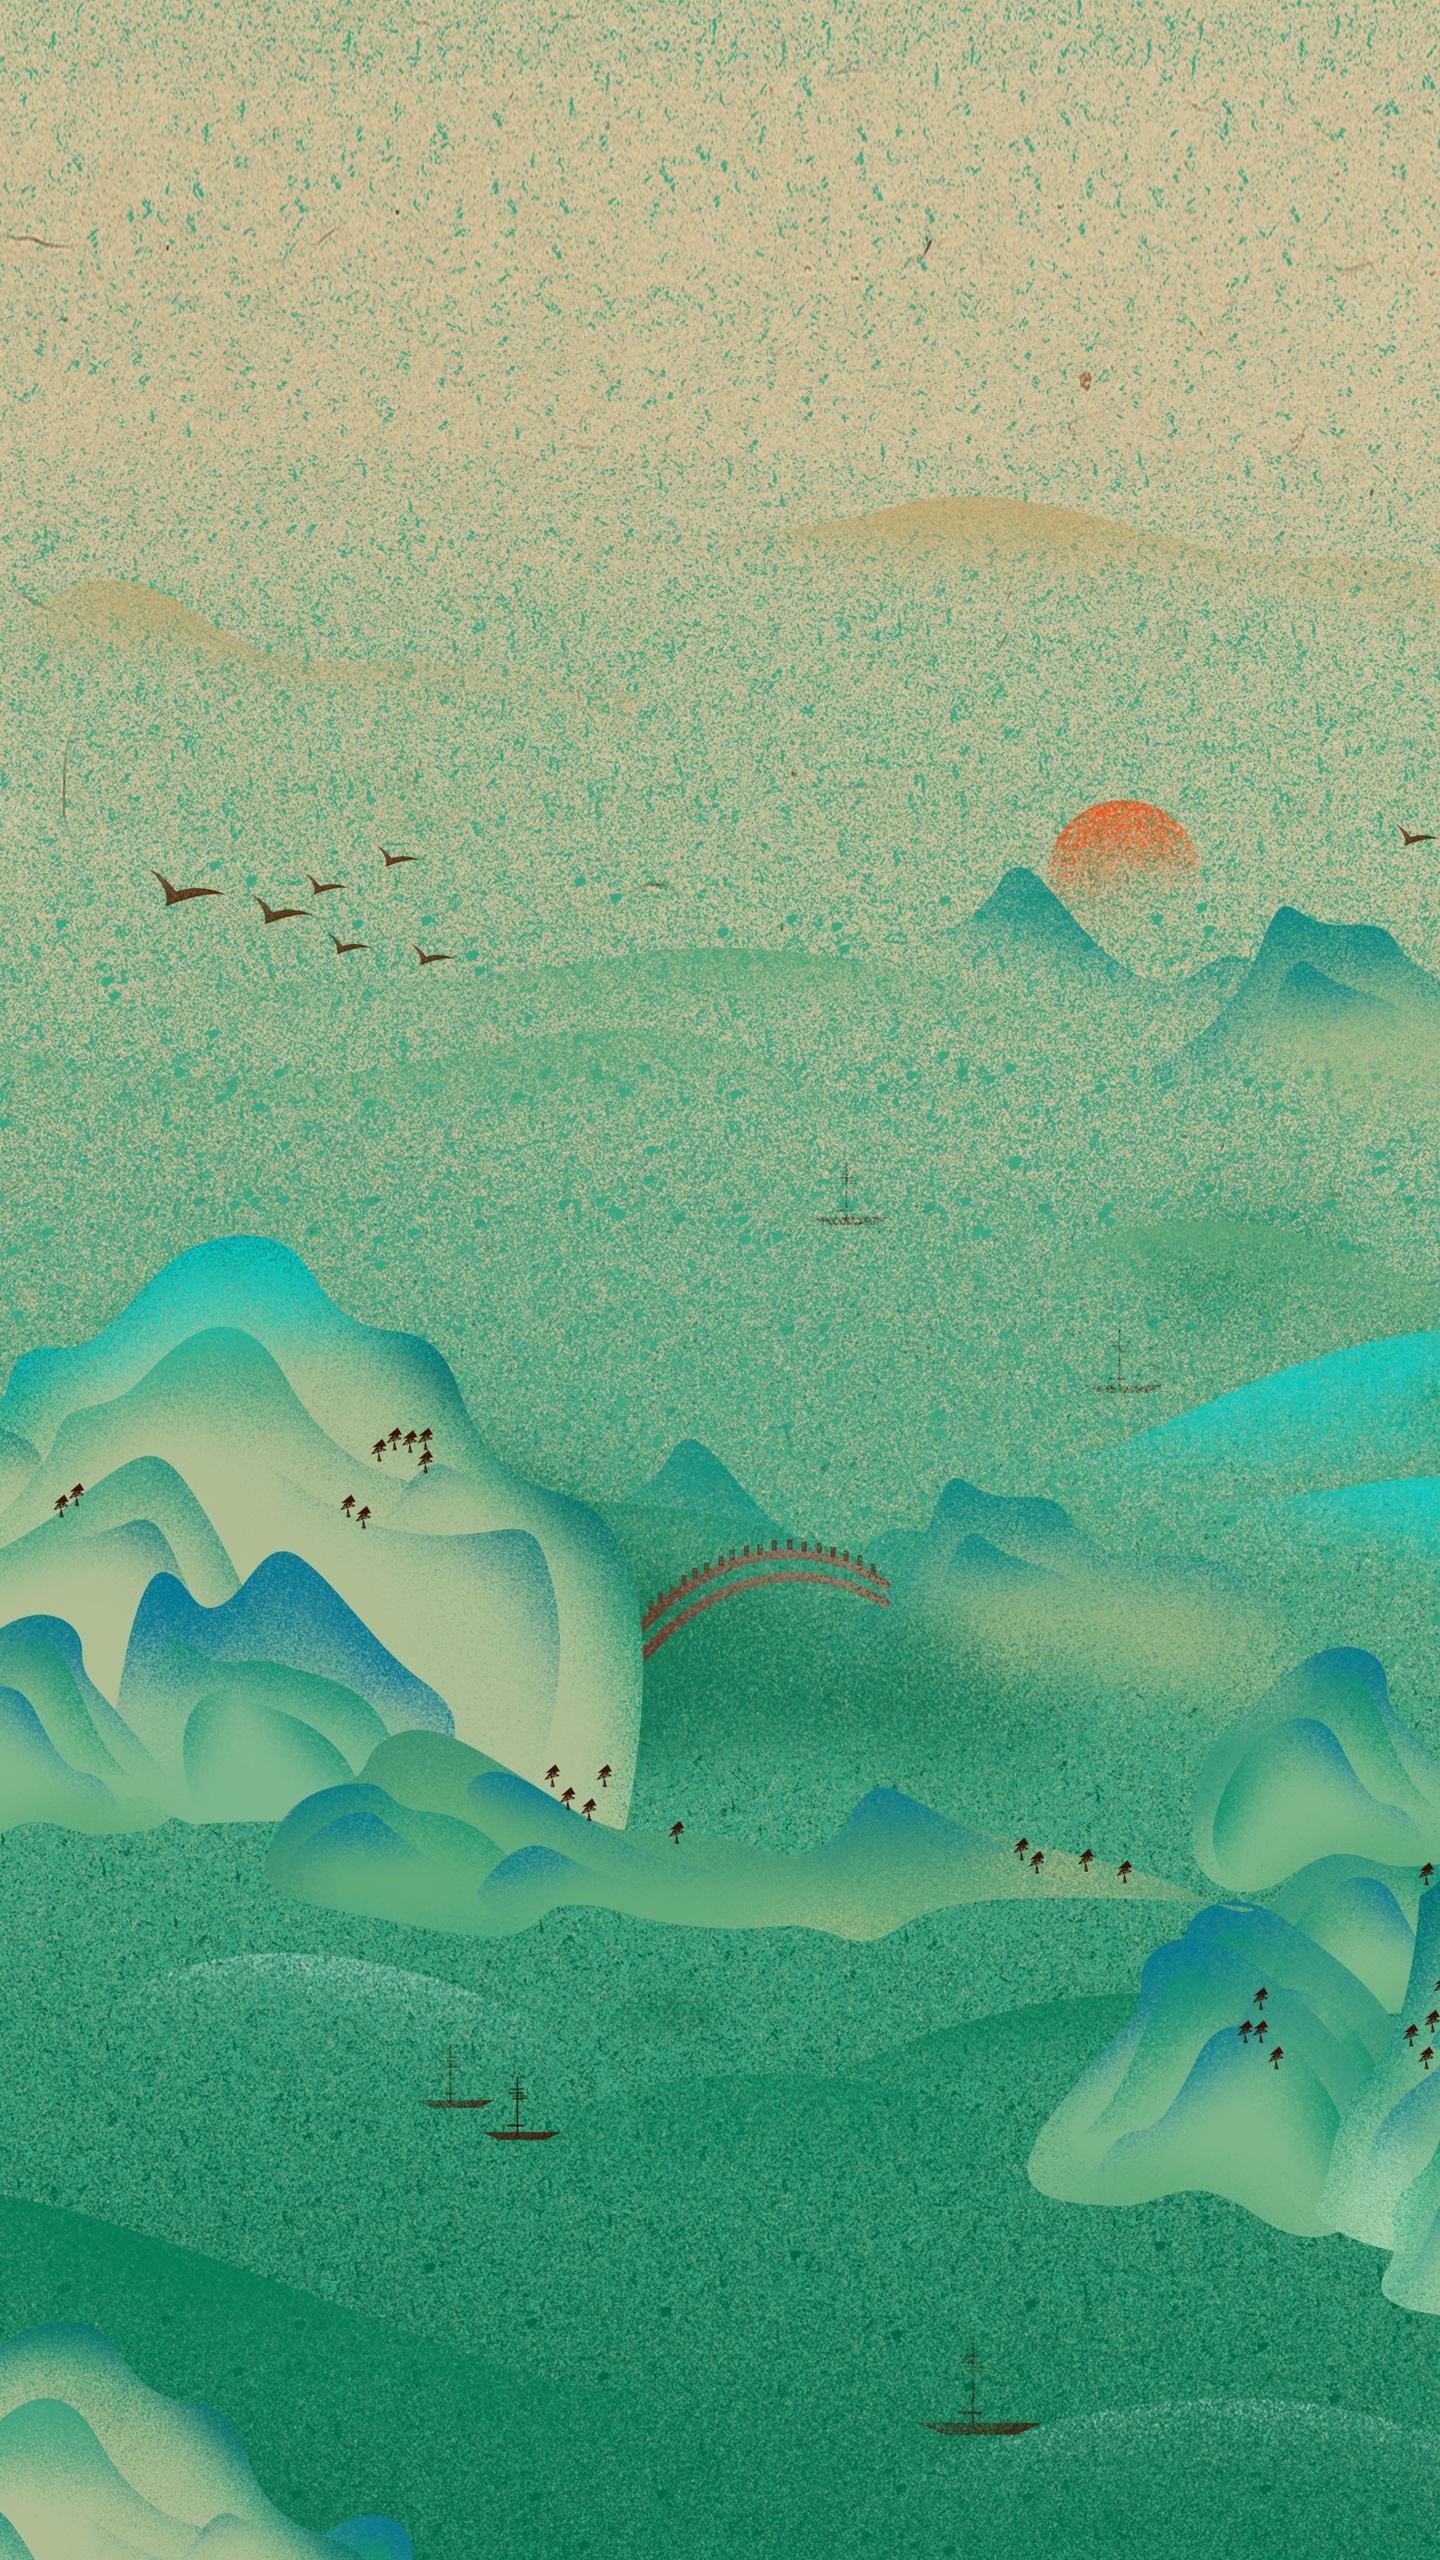 Simple Landscape Cartoon